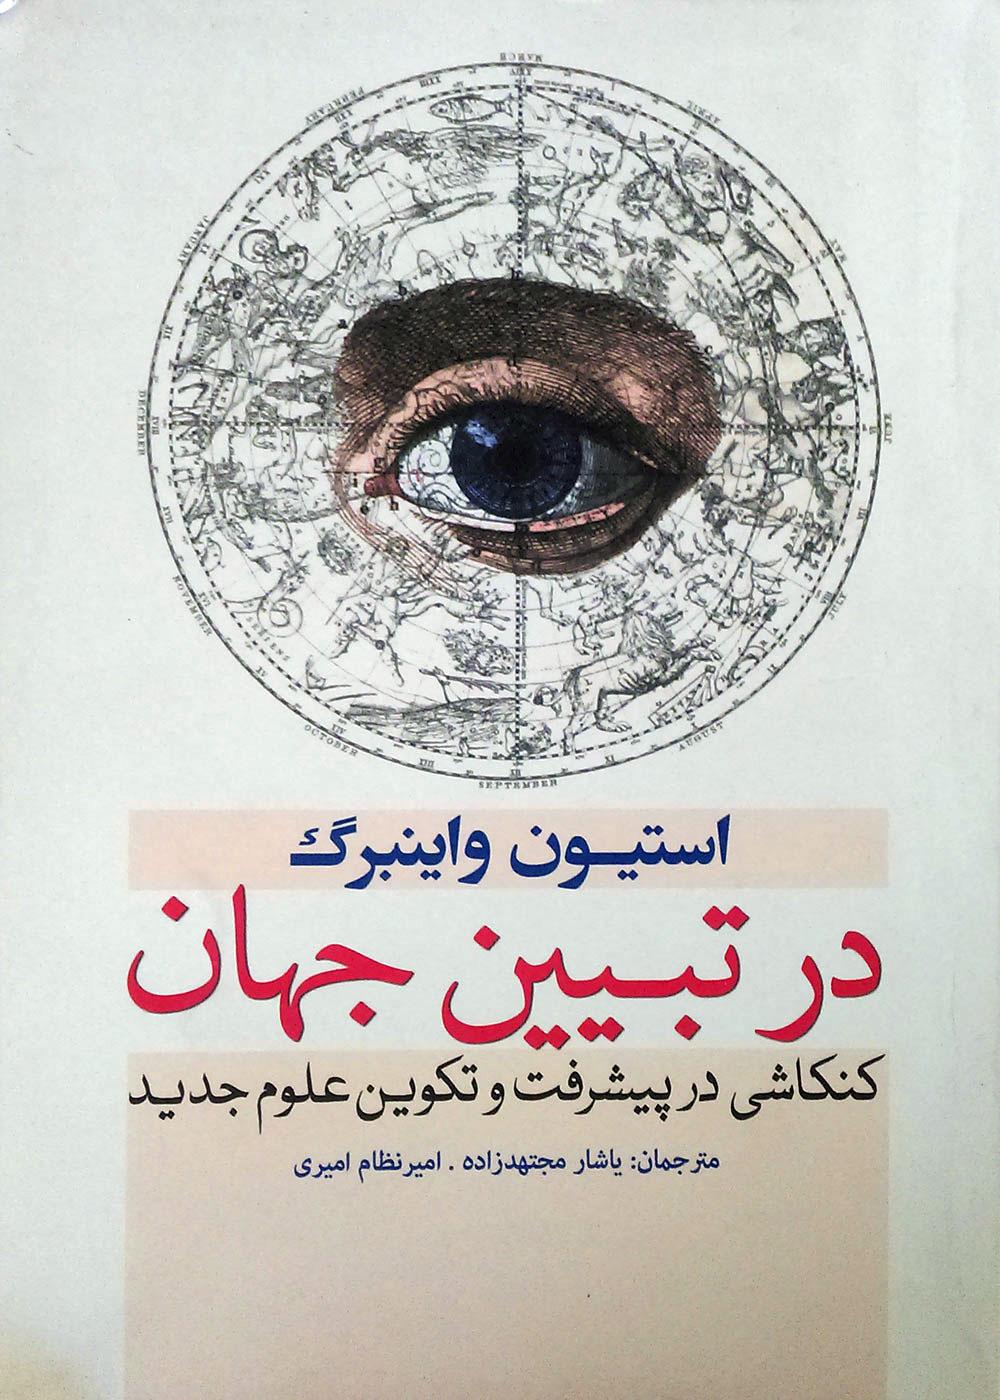 کتاب در تبیین جهان